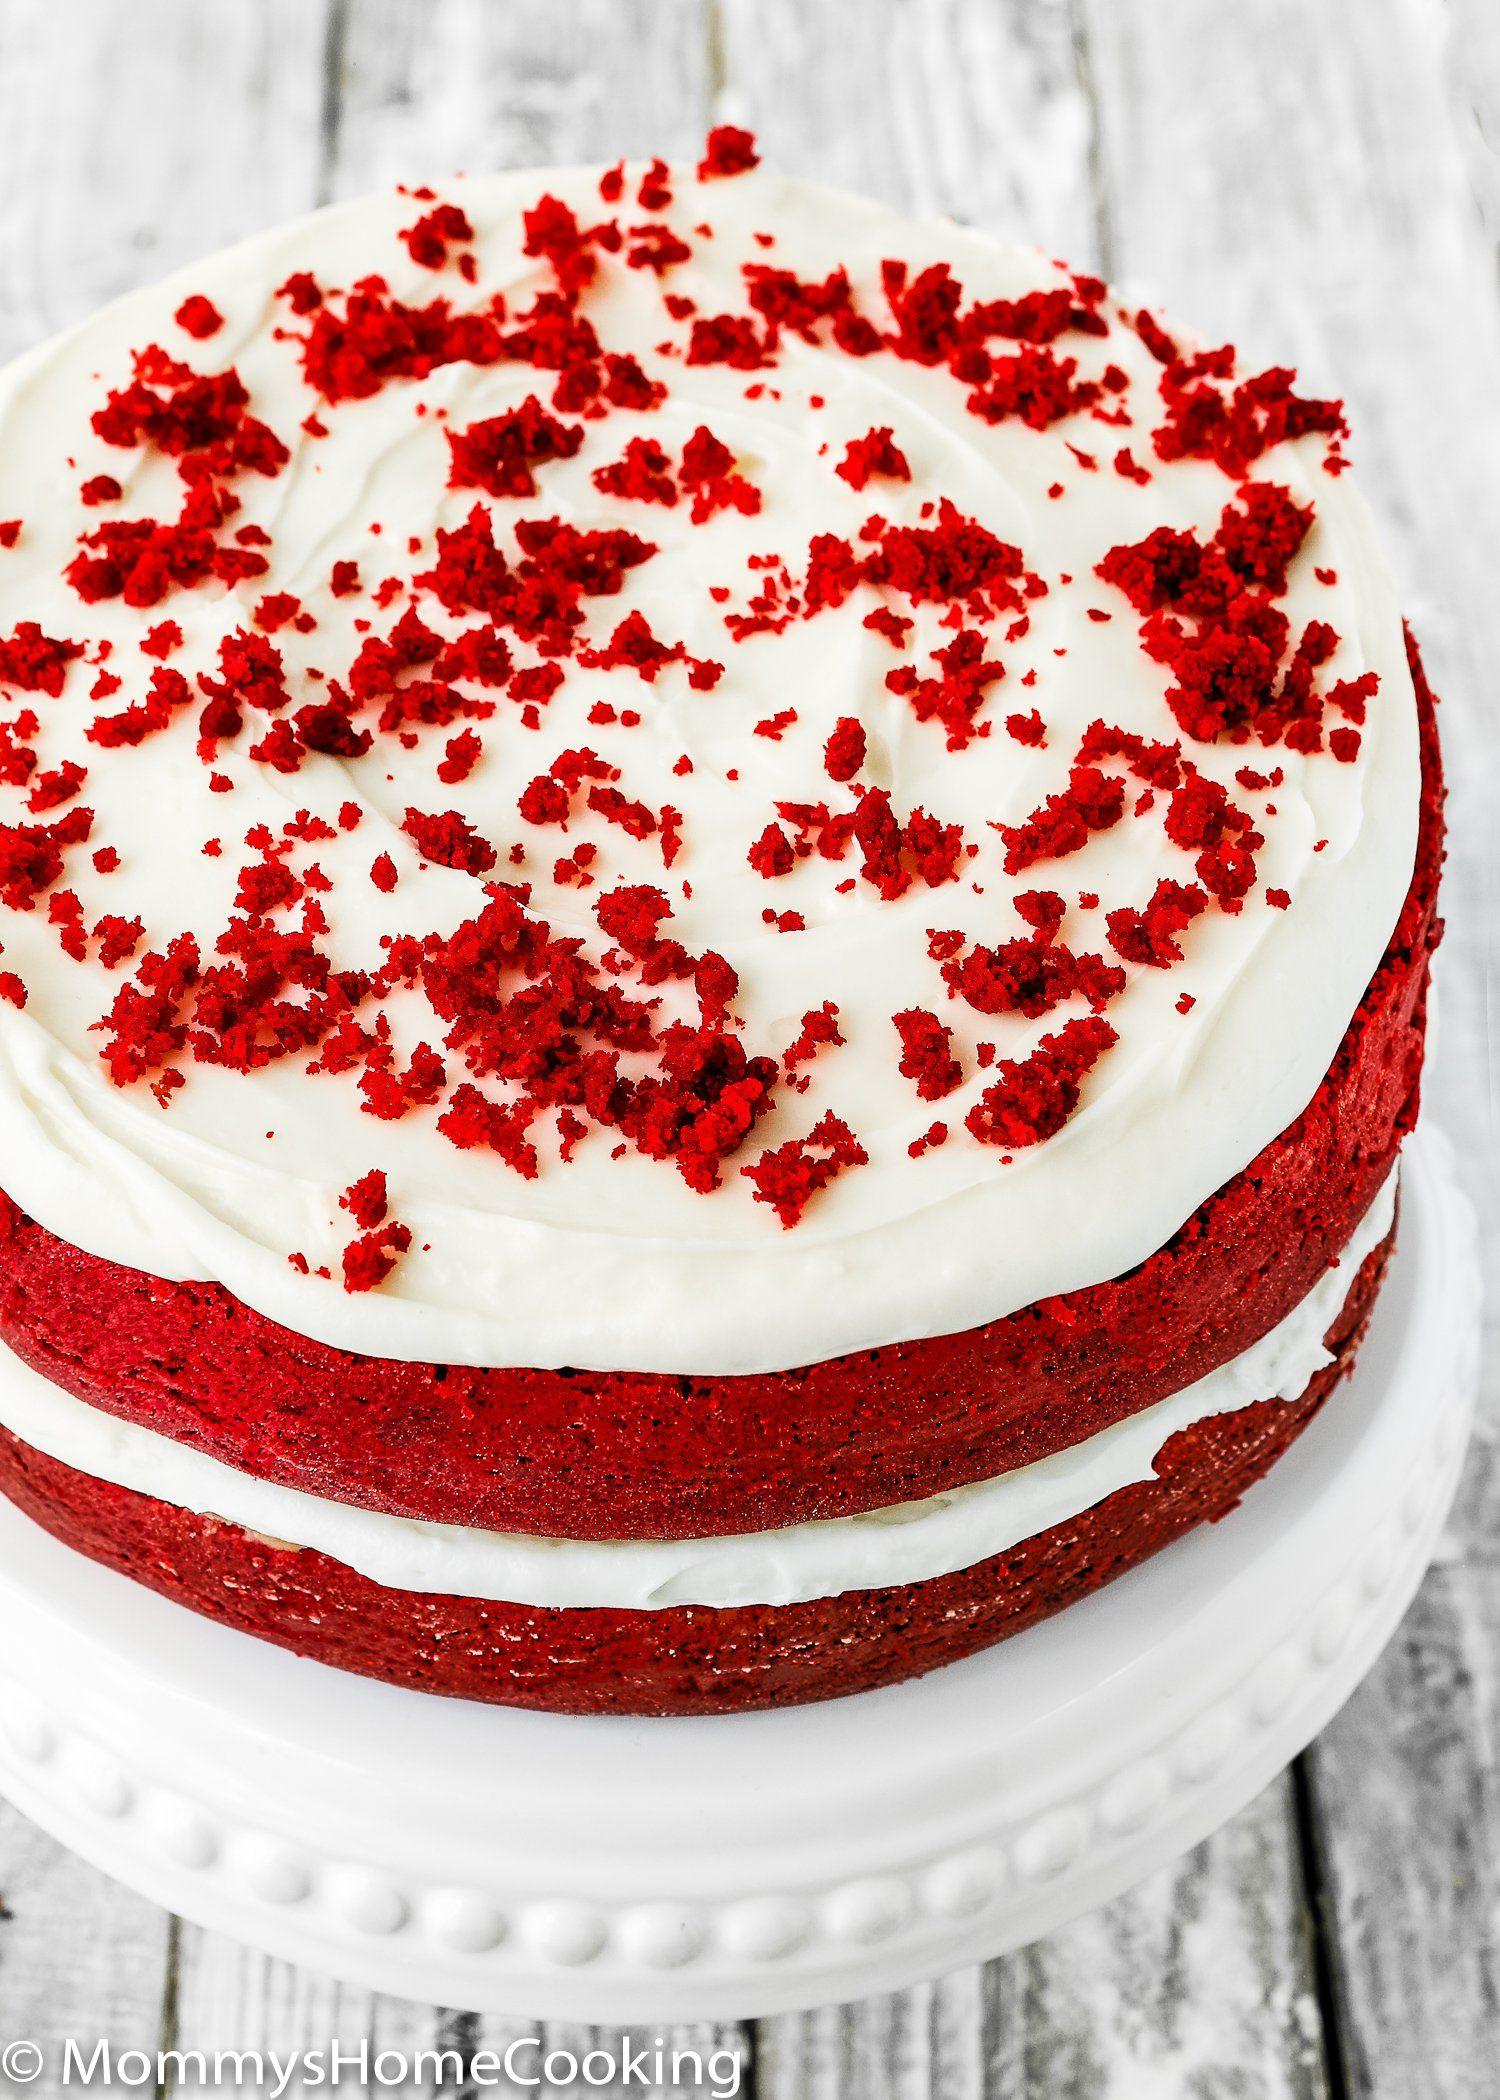 Eggless Red Velvet Cake Recipe Eggless Red Velvet Cake Velvet Cake Red Velvet Cake